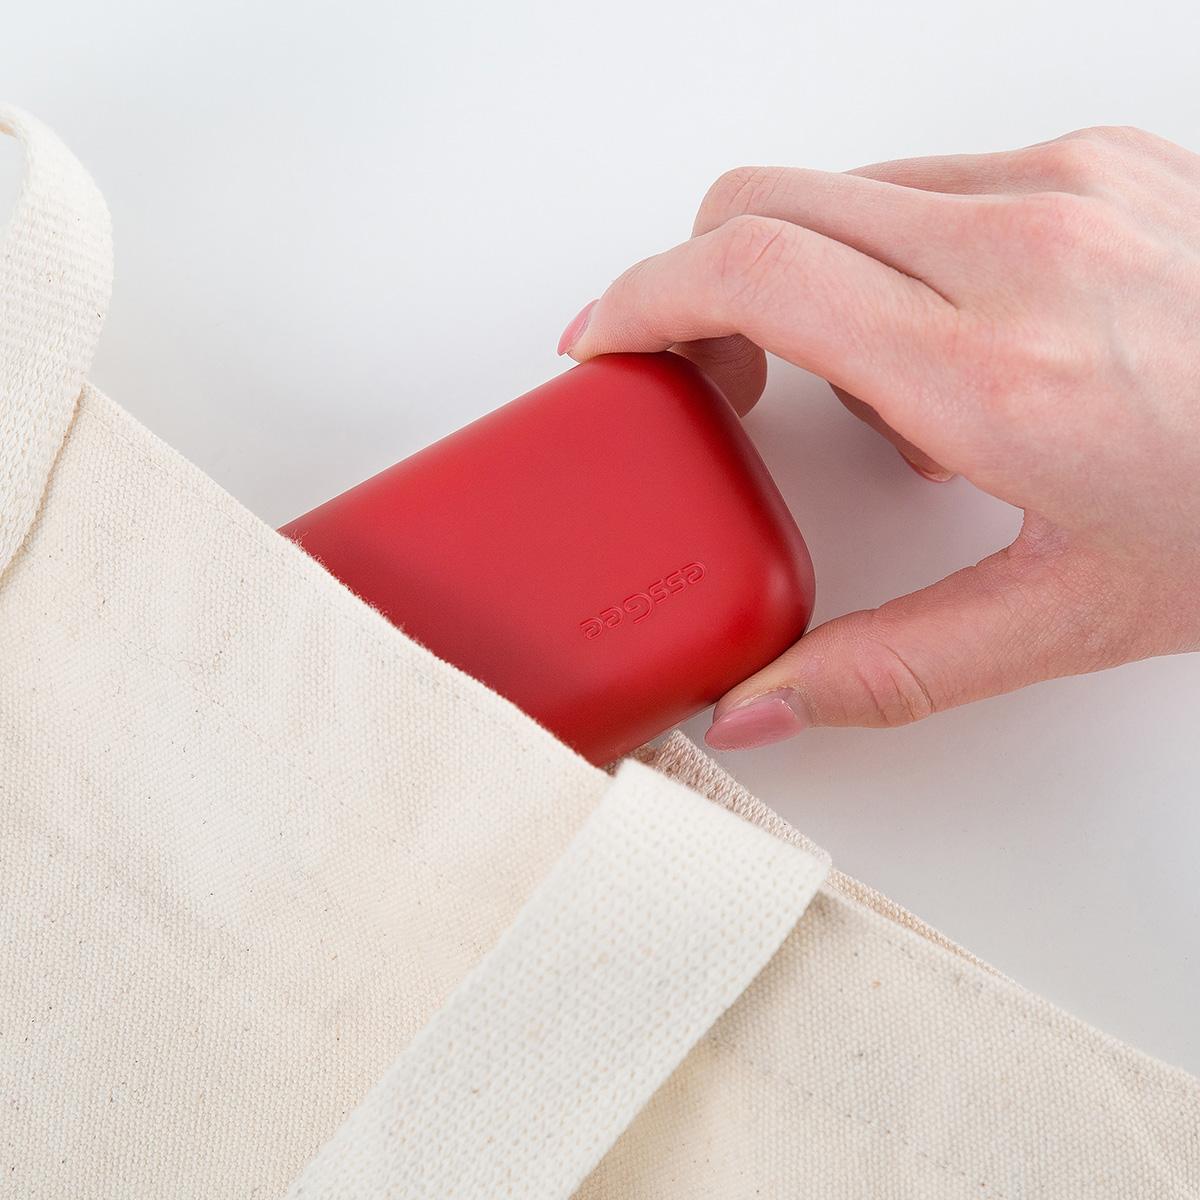 【テレビ番組でご紹介】essGee UVマルチ除菌器 ポケットドクター【10秒で最大99.9%除菌】